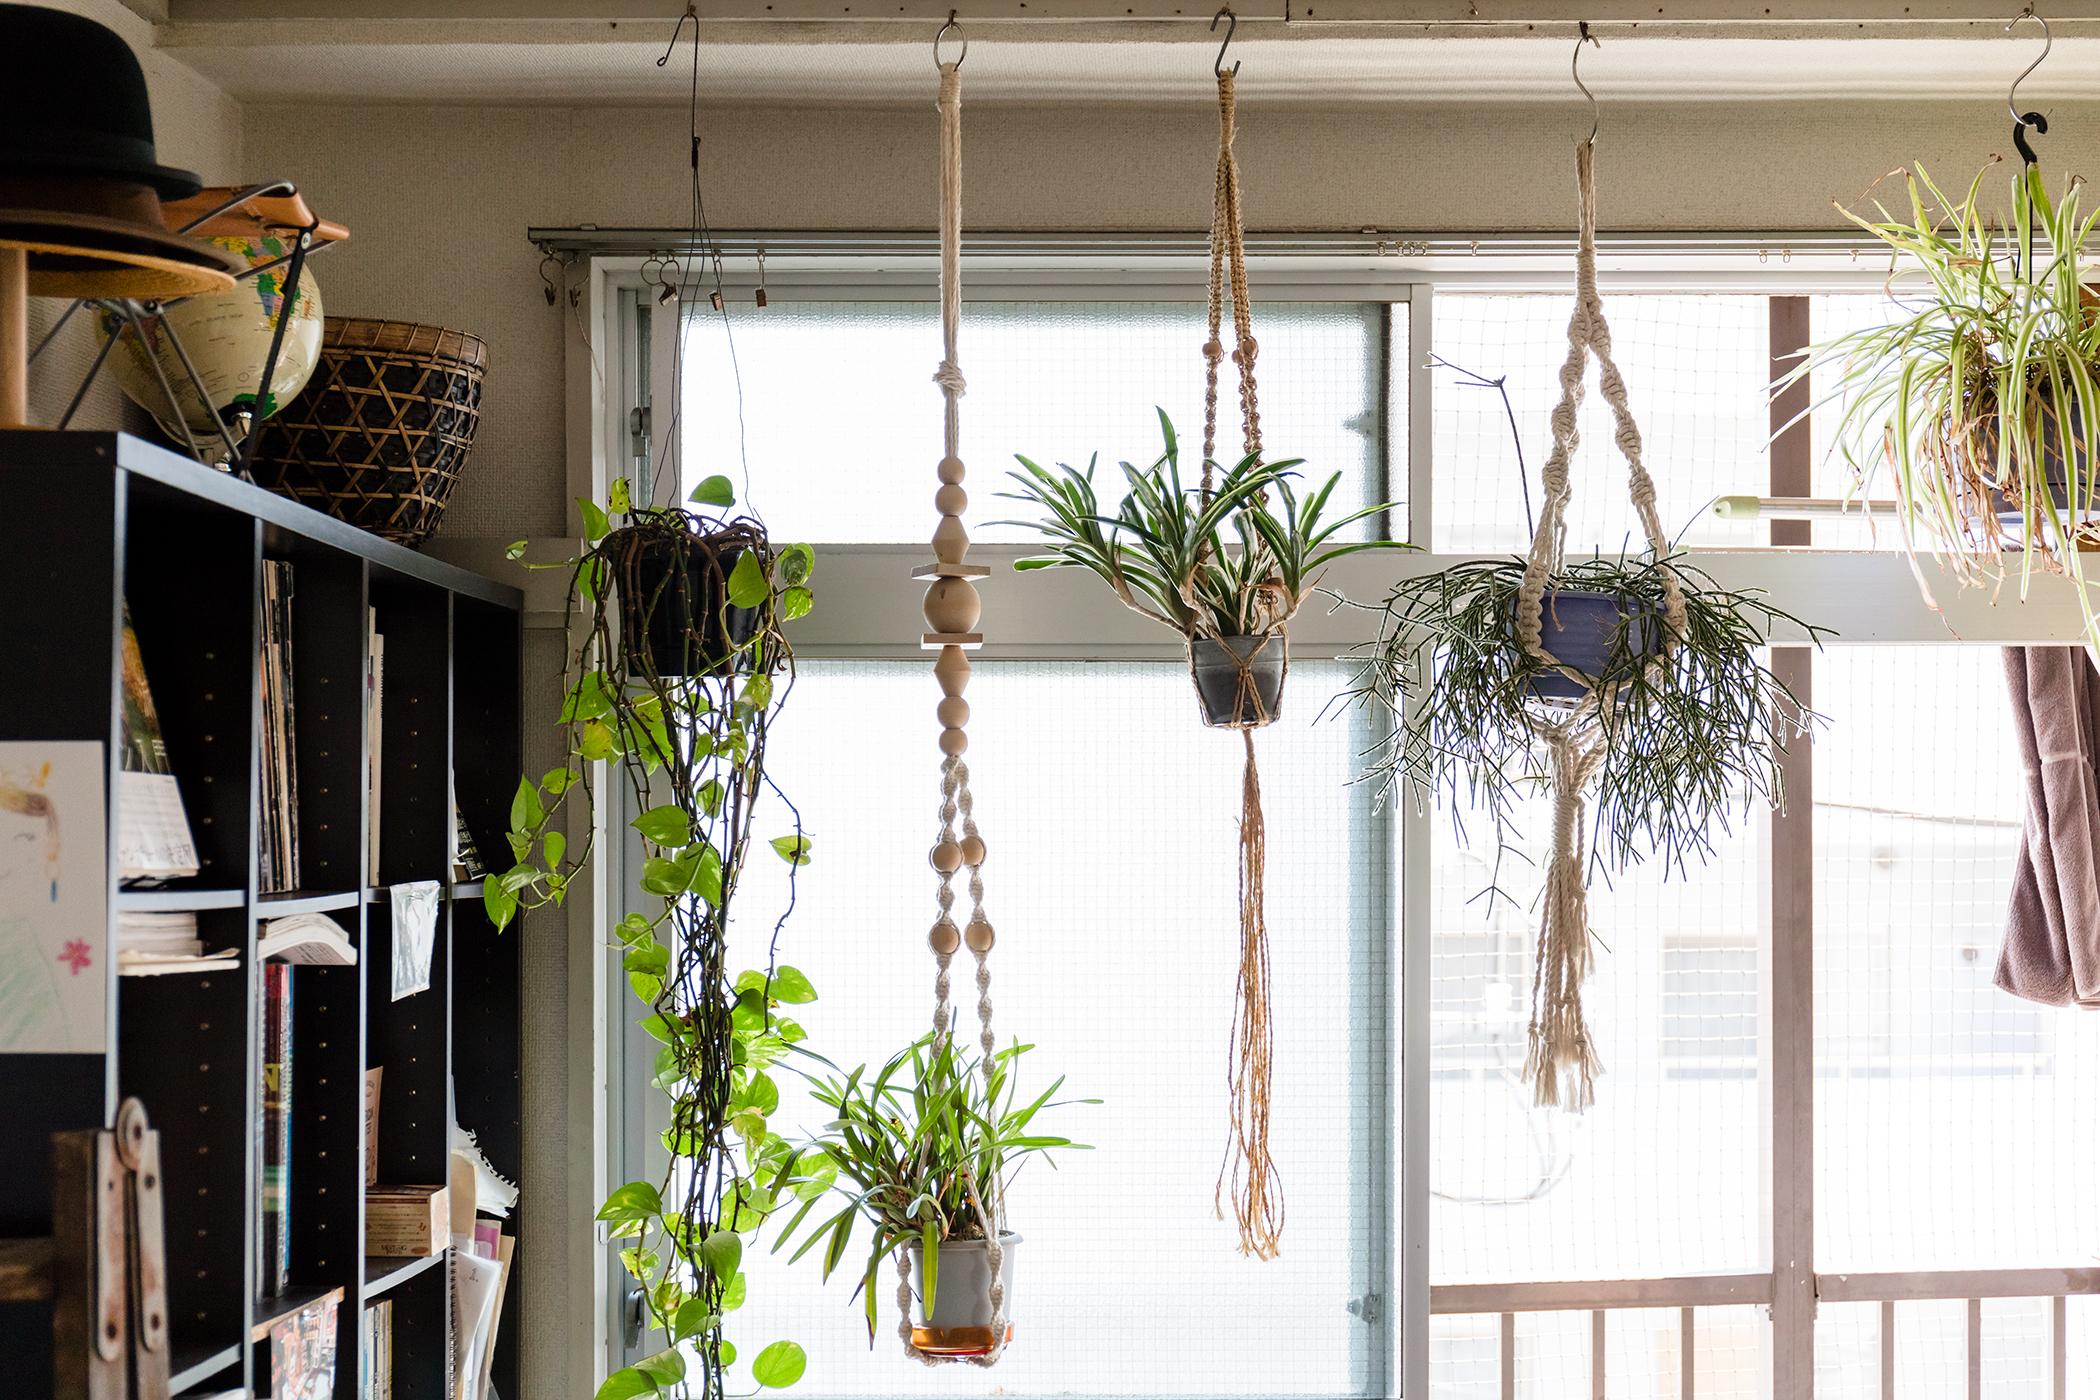 ぶら下げたお洒落な植物